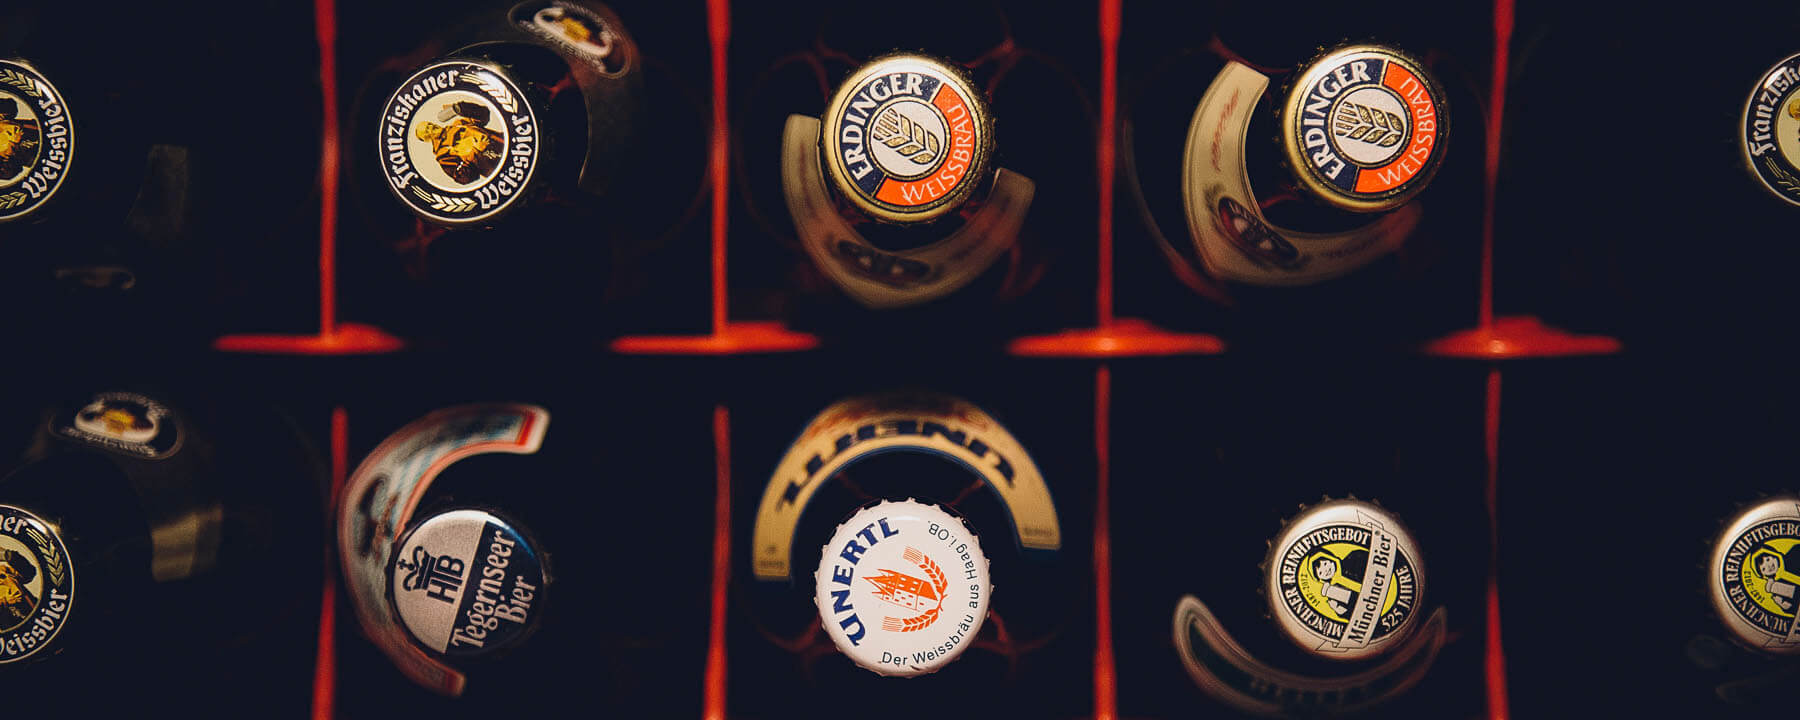 Zdjęcie piw